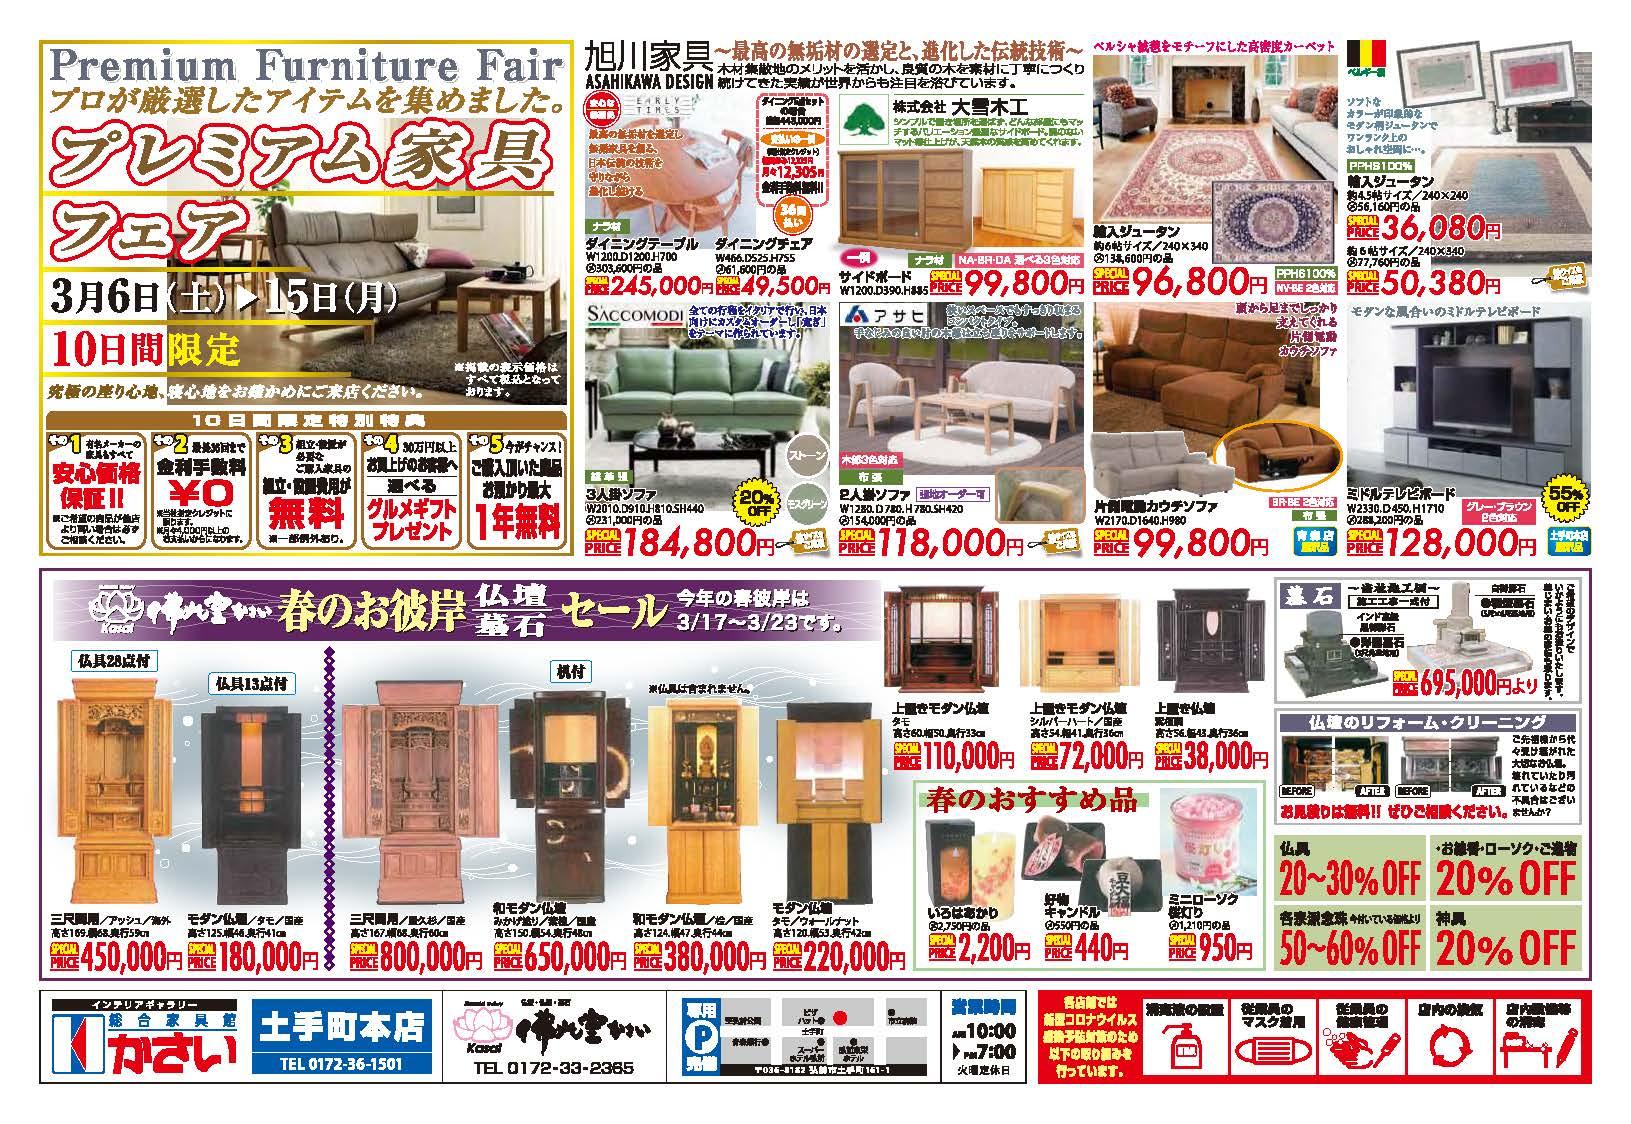 かさい家具 「プレミアム家具フェア」「春のお彼岸セール」 チラシ表面